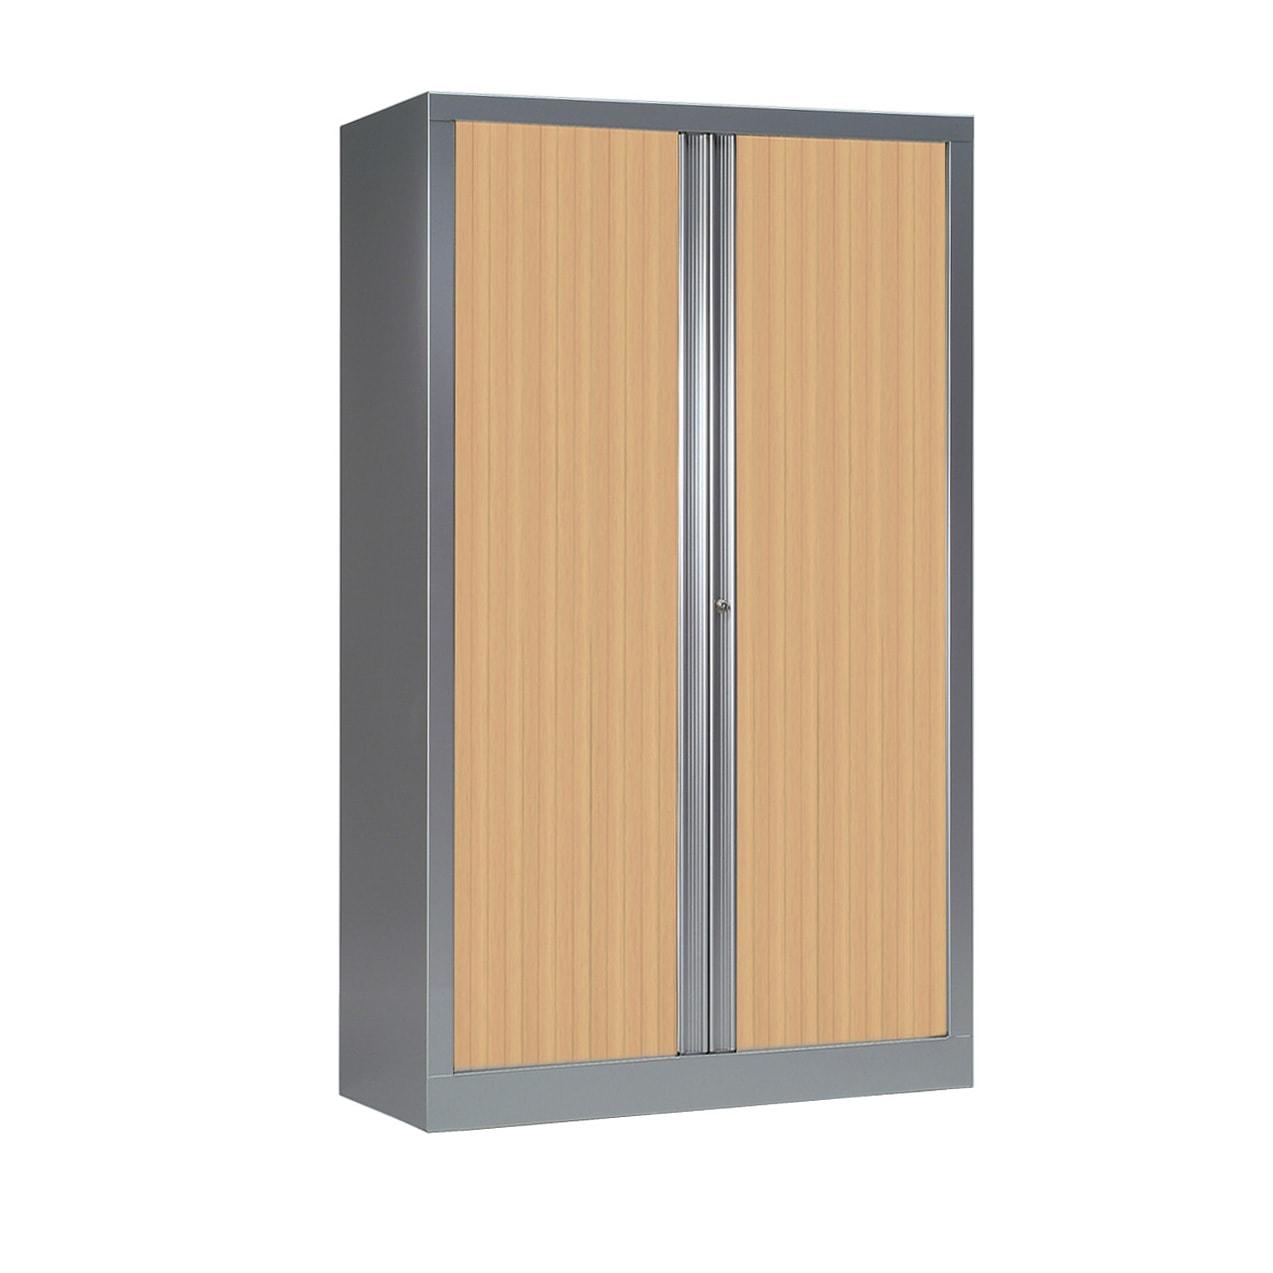 armoire rideaux s rie plus h160 l100 armoire plus. Black Bedroom Furniture Sets. Home Design Ideas